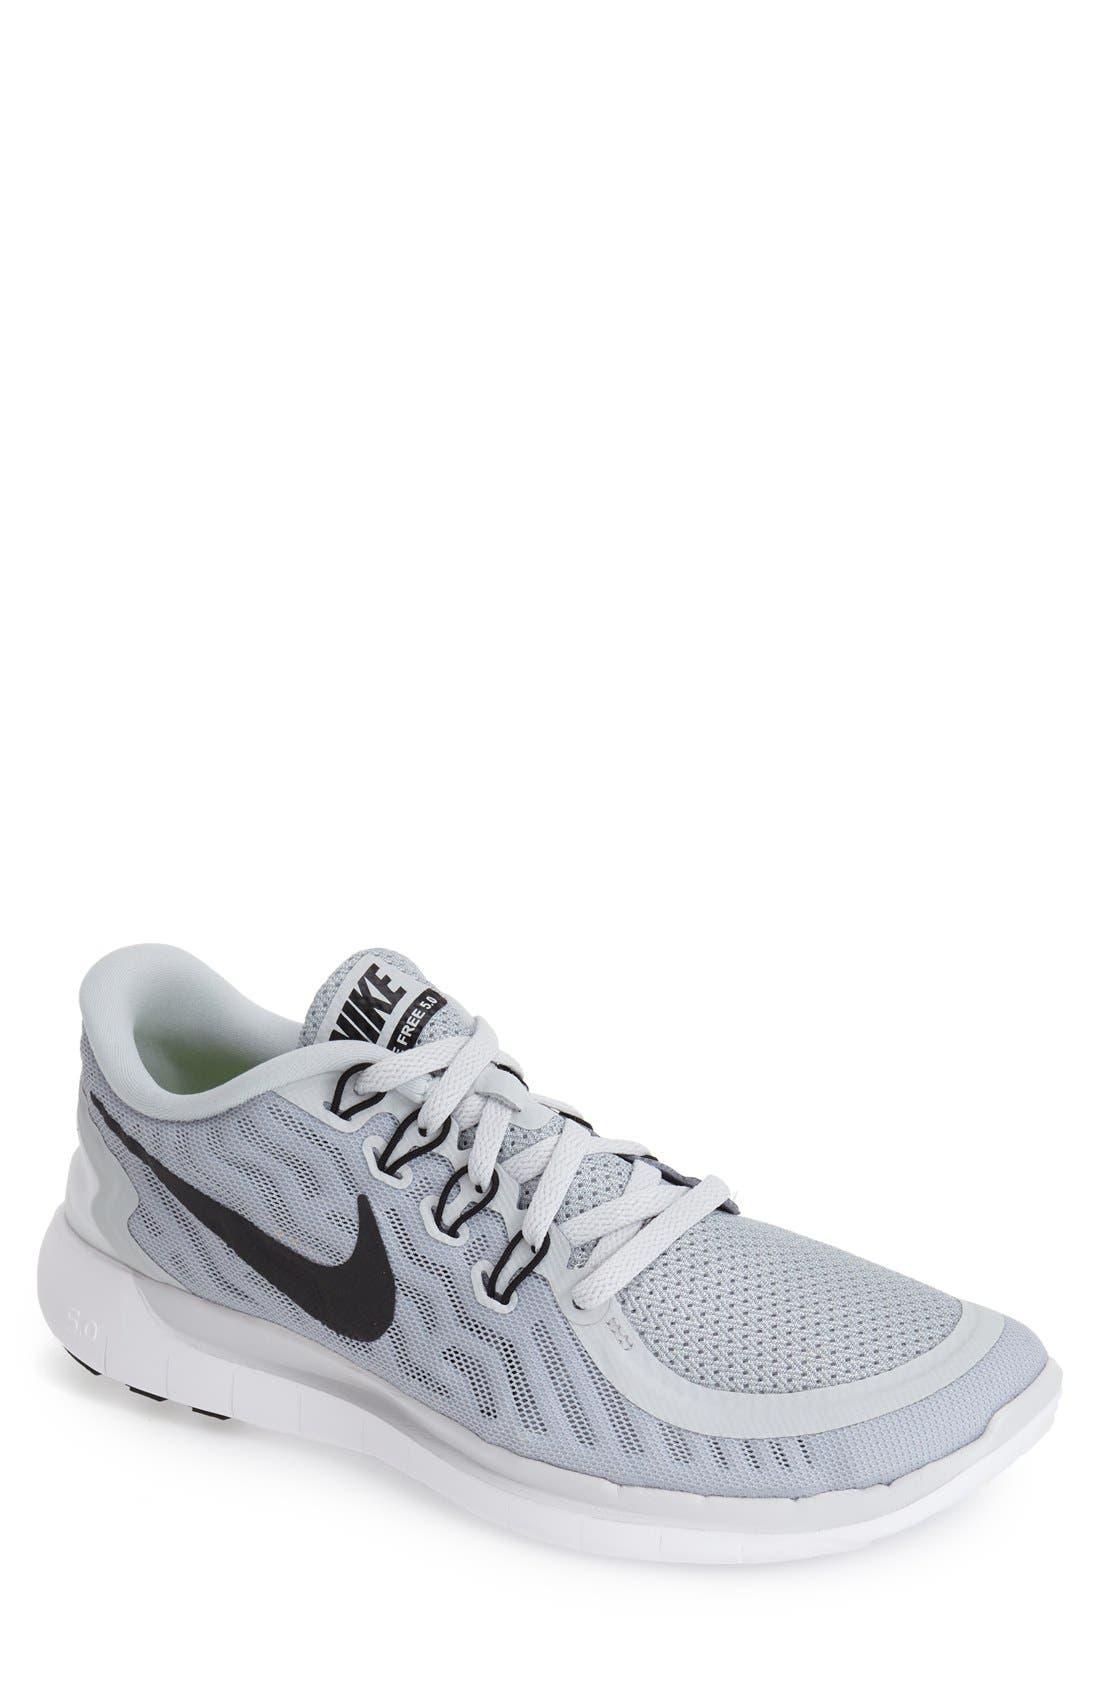 Main Image - Nike 'Free 5.0' Running Shoe (Men)